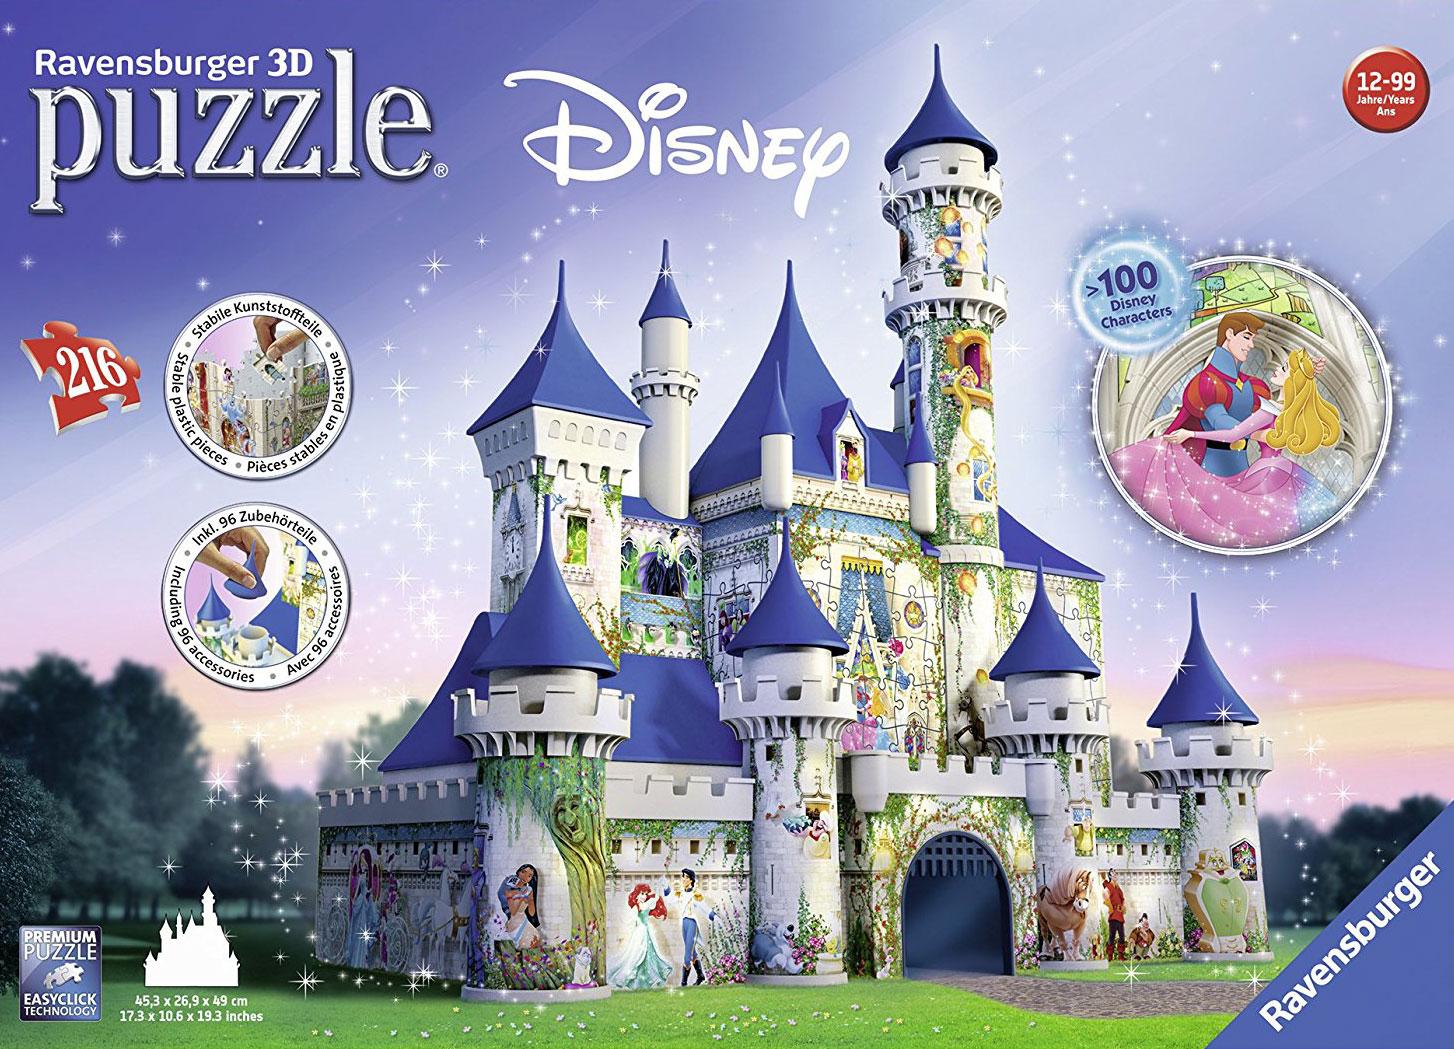 ravensburger 3d puzzles cinderella's castle, rare disney puzzle, three-dimensional 3d jigsaw puzzles cinderellascastle-3d